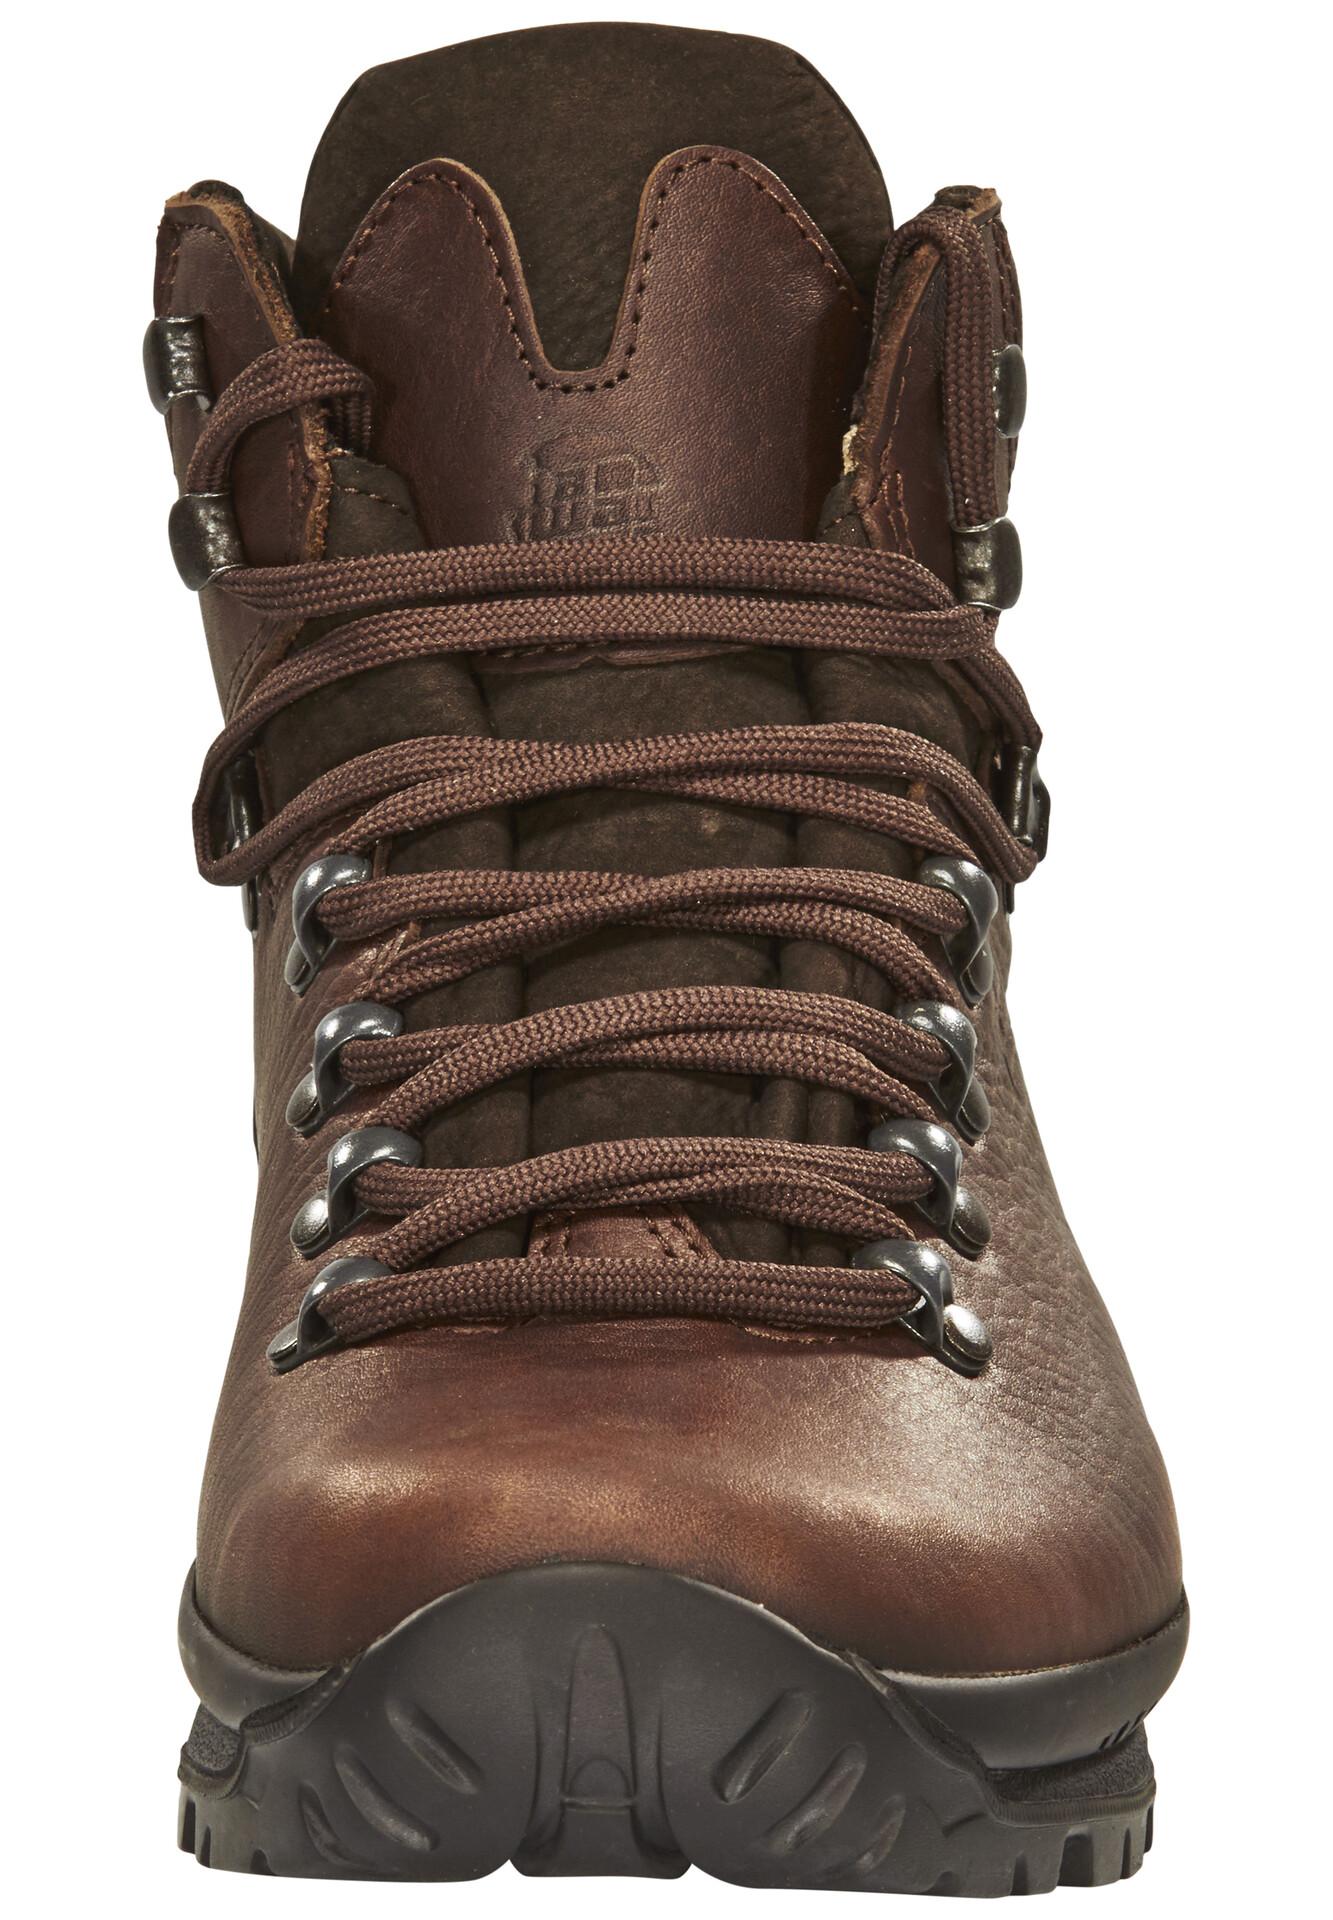 Chaussures Waxenstein Bio Lady Hanwag FemmeMocca JK1cTlF